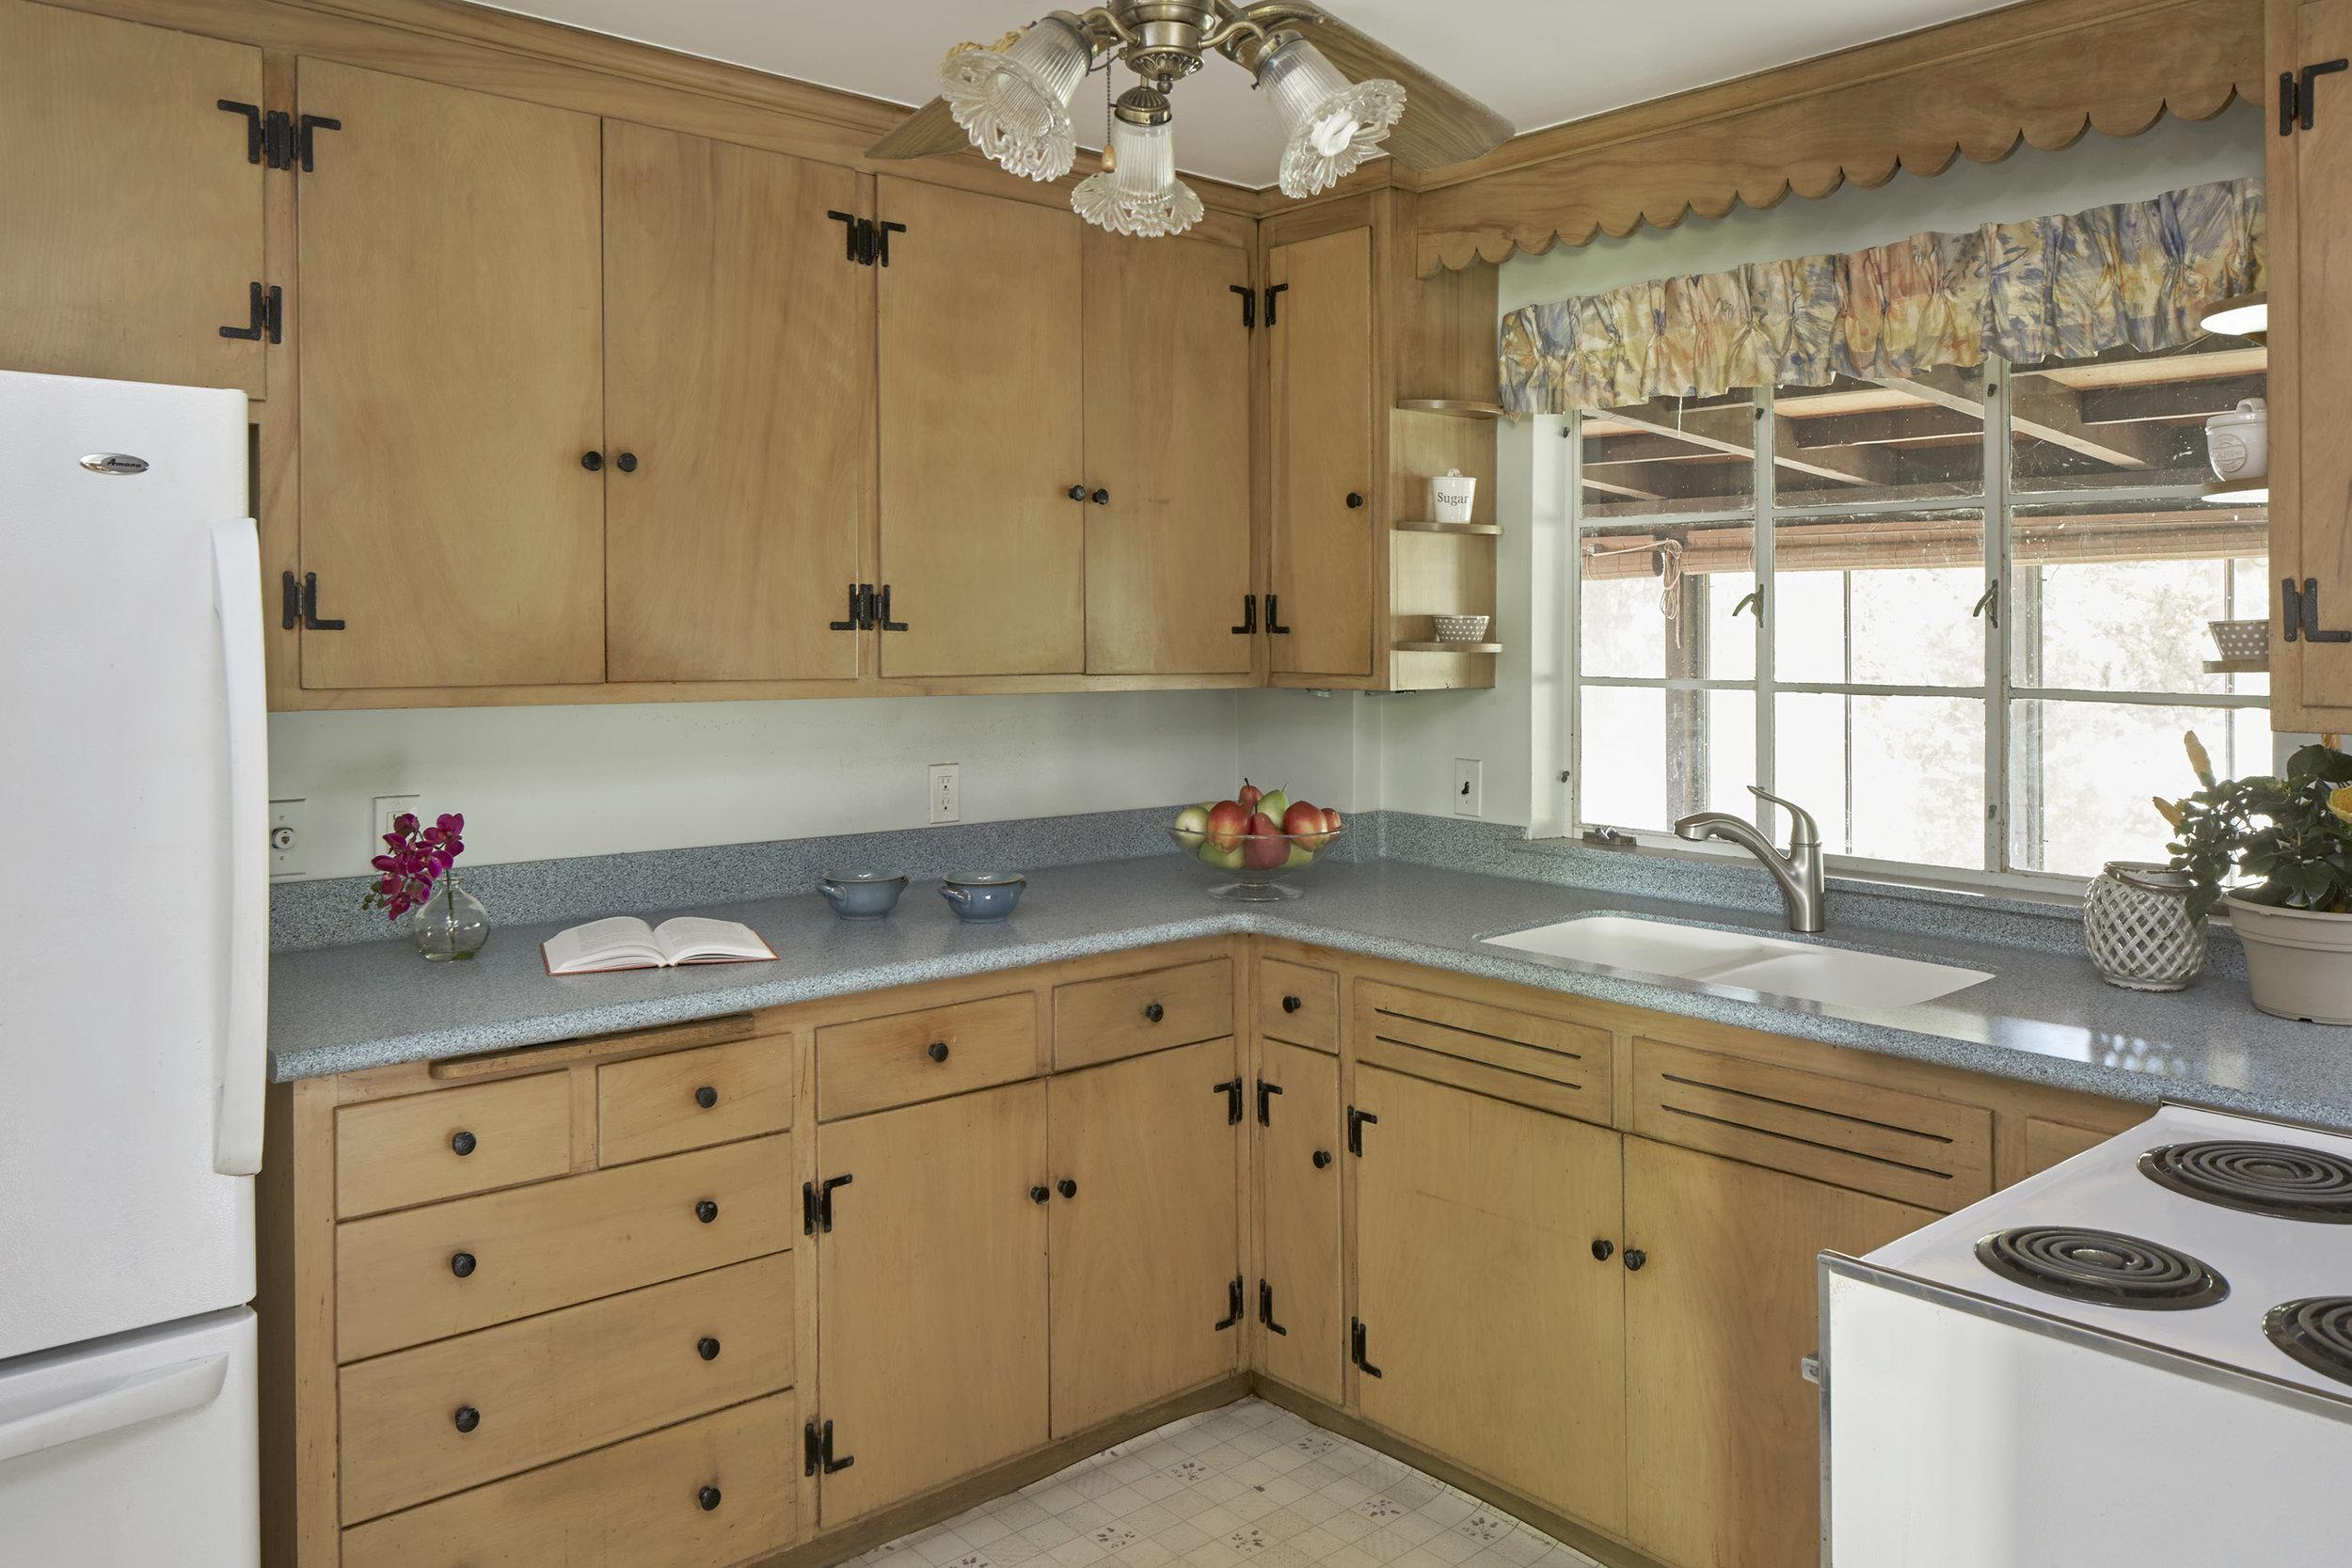 70_winter_st_kitchen-2.jpg